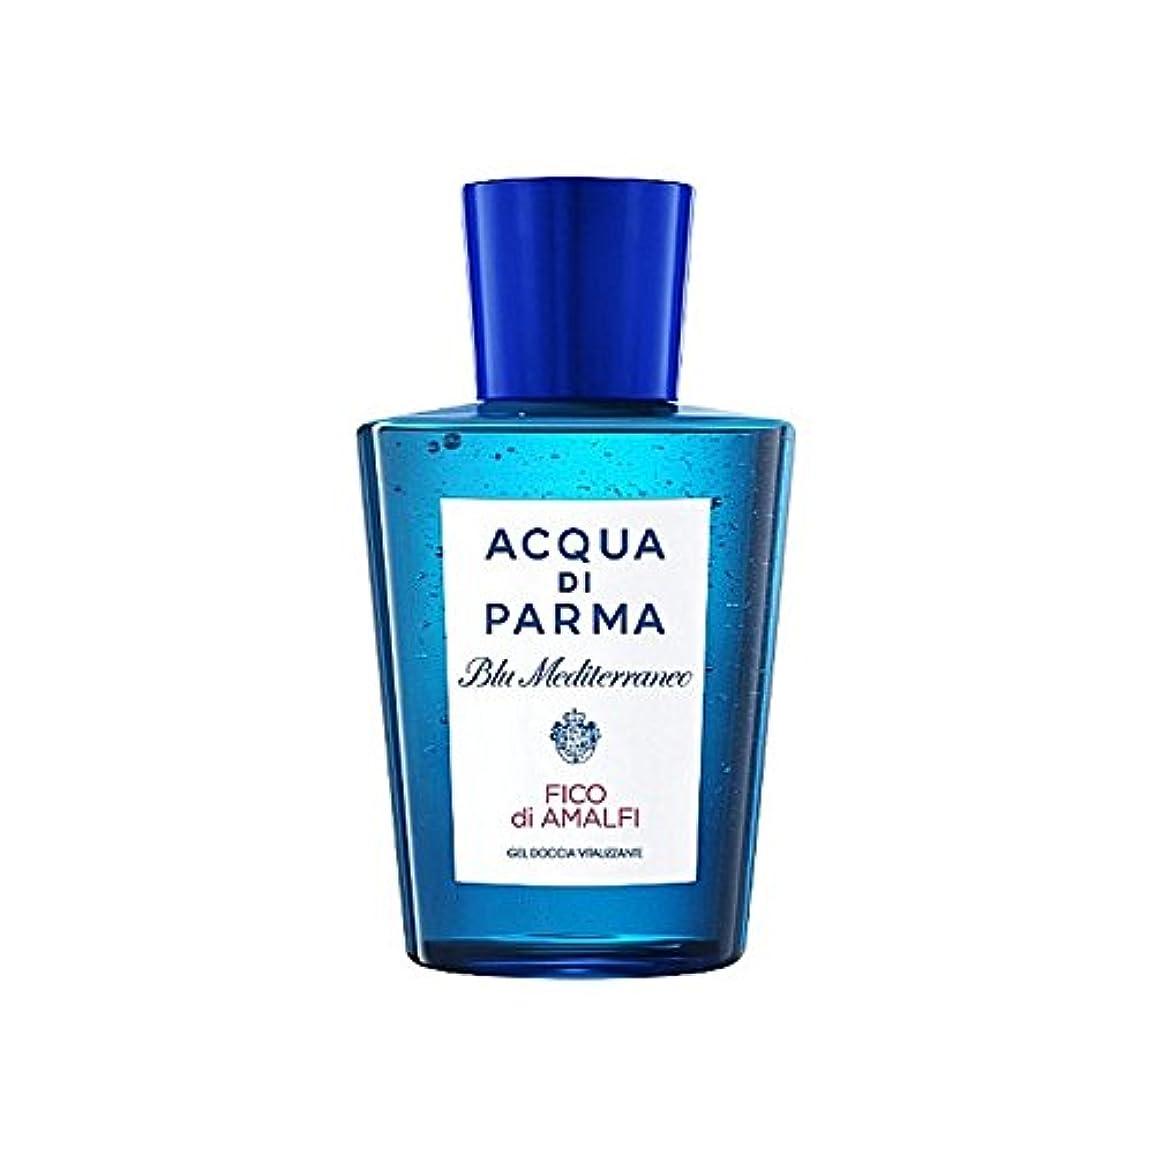 モンク砲兵タイヤアクアディパルマブルーメディジアマルフィシャワージェル200 x4 - Acqua Di Parma Blu Mediterraneo Fico Di Amalfi Shower Gel 200ml (Pack of 4) [並行輸入品]